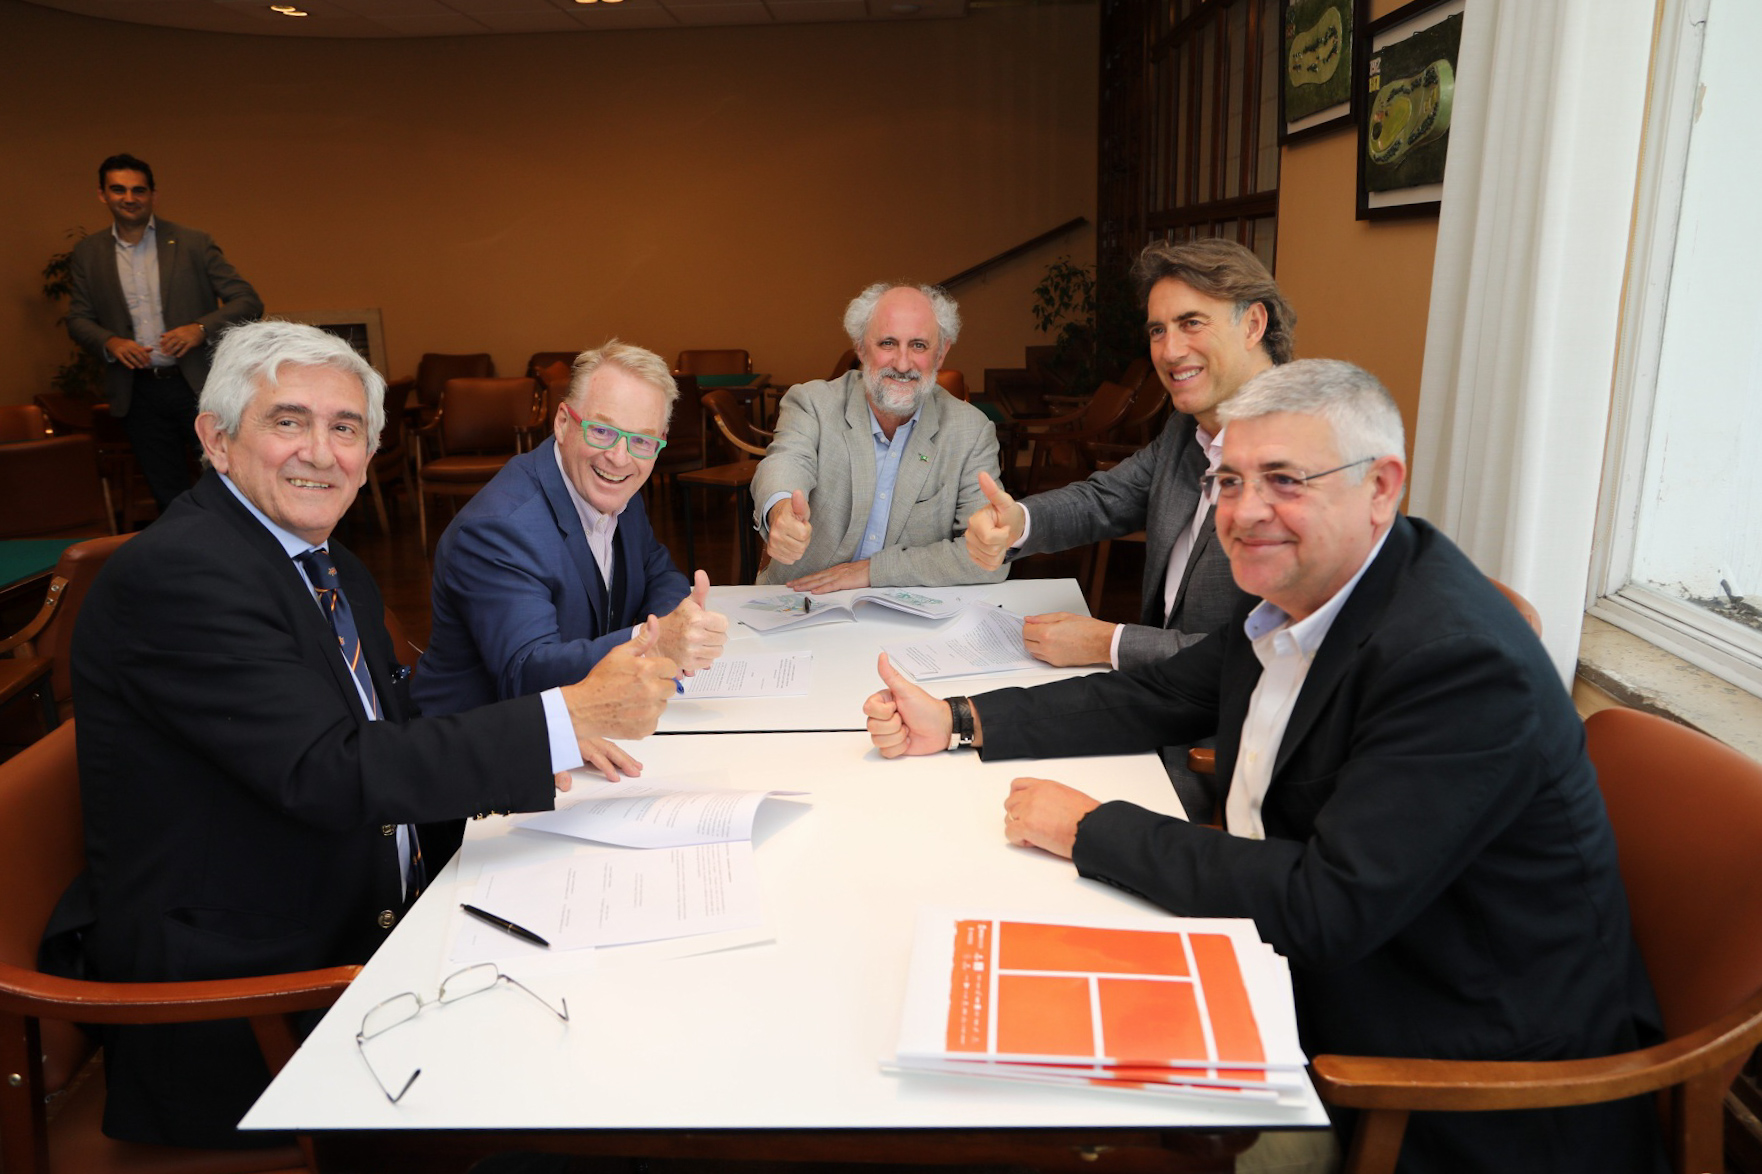 Gonzaga Escauriaza, Keith Pelley, Luis Cueto, Gerard Tsobanian y Jaime López muestran su satisfacción tras la firma del contrato. Foto: Miguel Ros